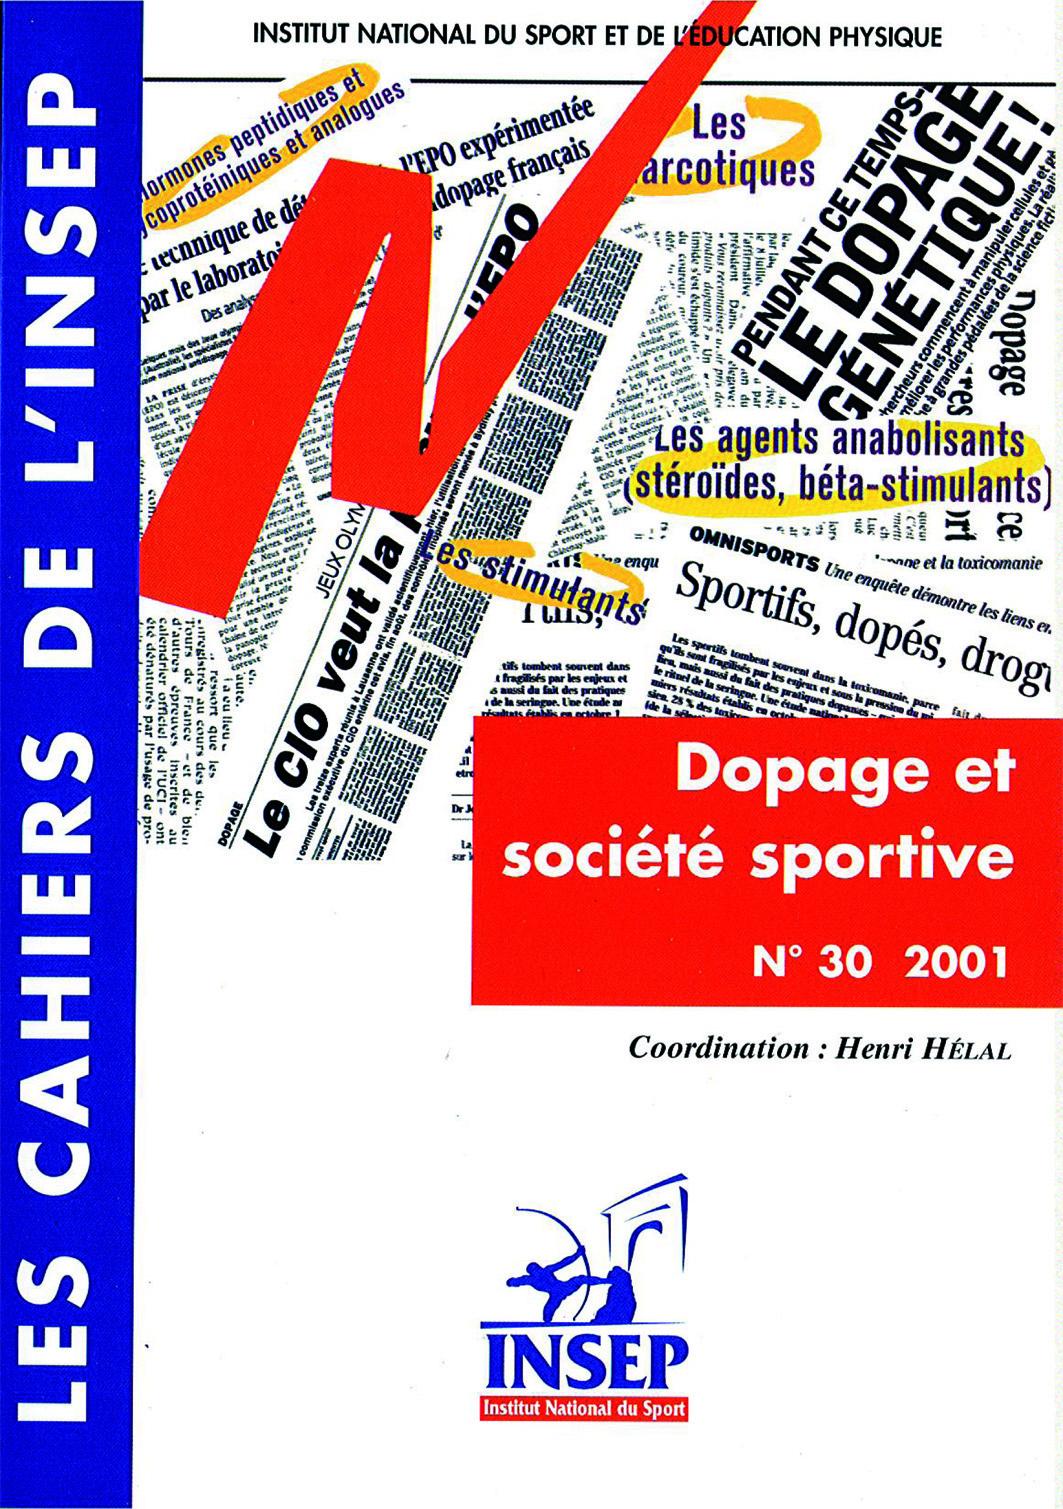 LES CAHIERS DE L'INSEP, N 30. DOPAGE ET SOCIETE SPORTIVE